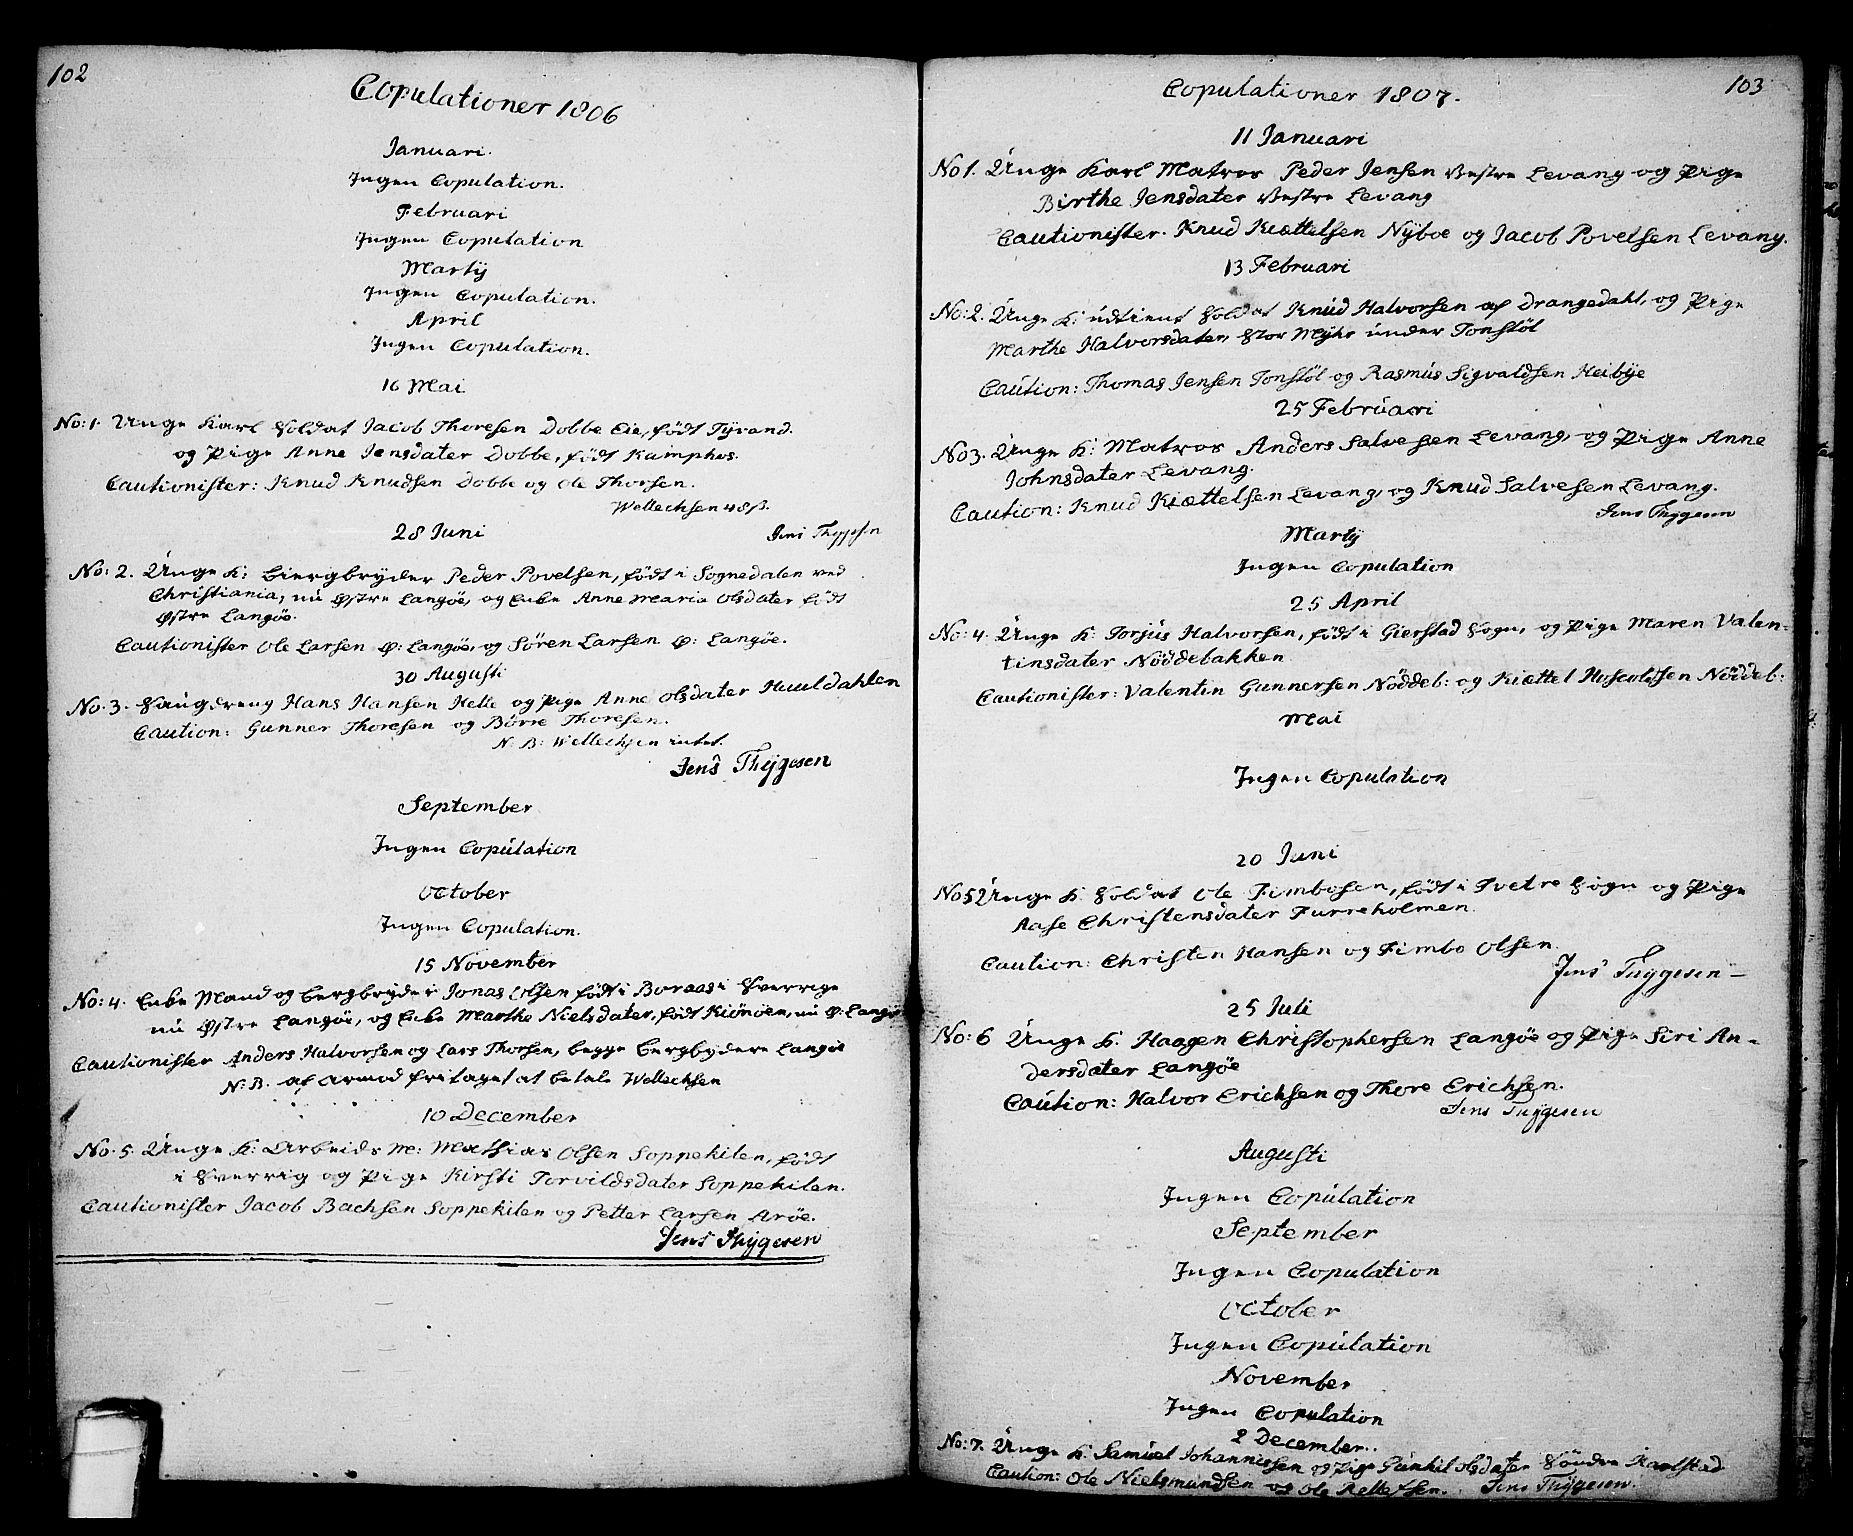 SAKO, Kragerø kirkebøker, G/Ga/L0001: Klokkerbok nr. 1 /2, 1806-1811, s. 102-103